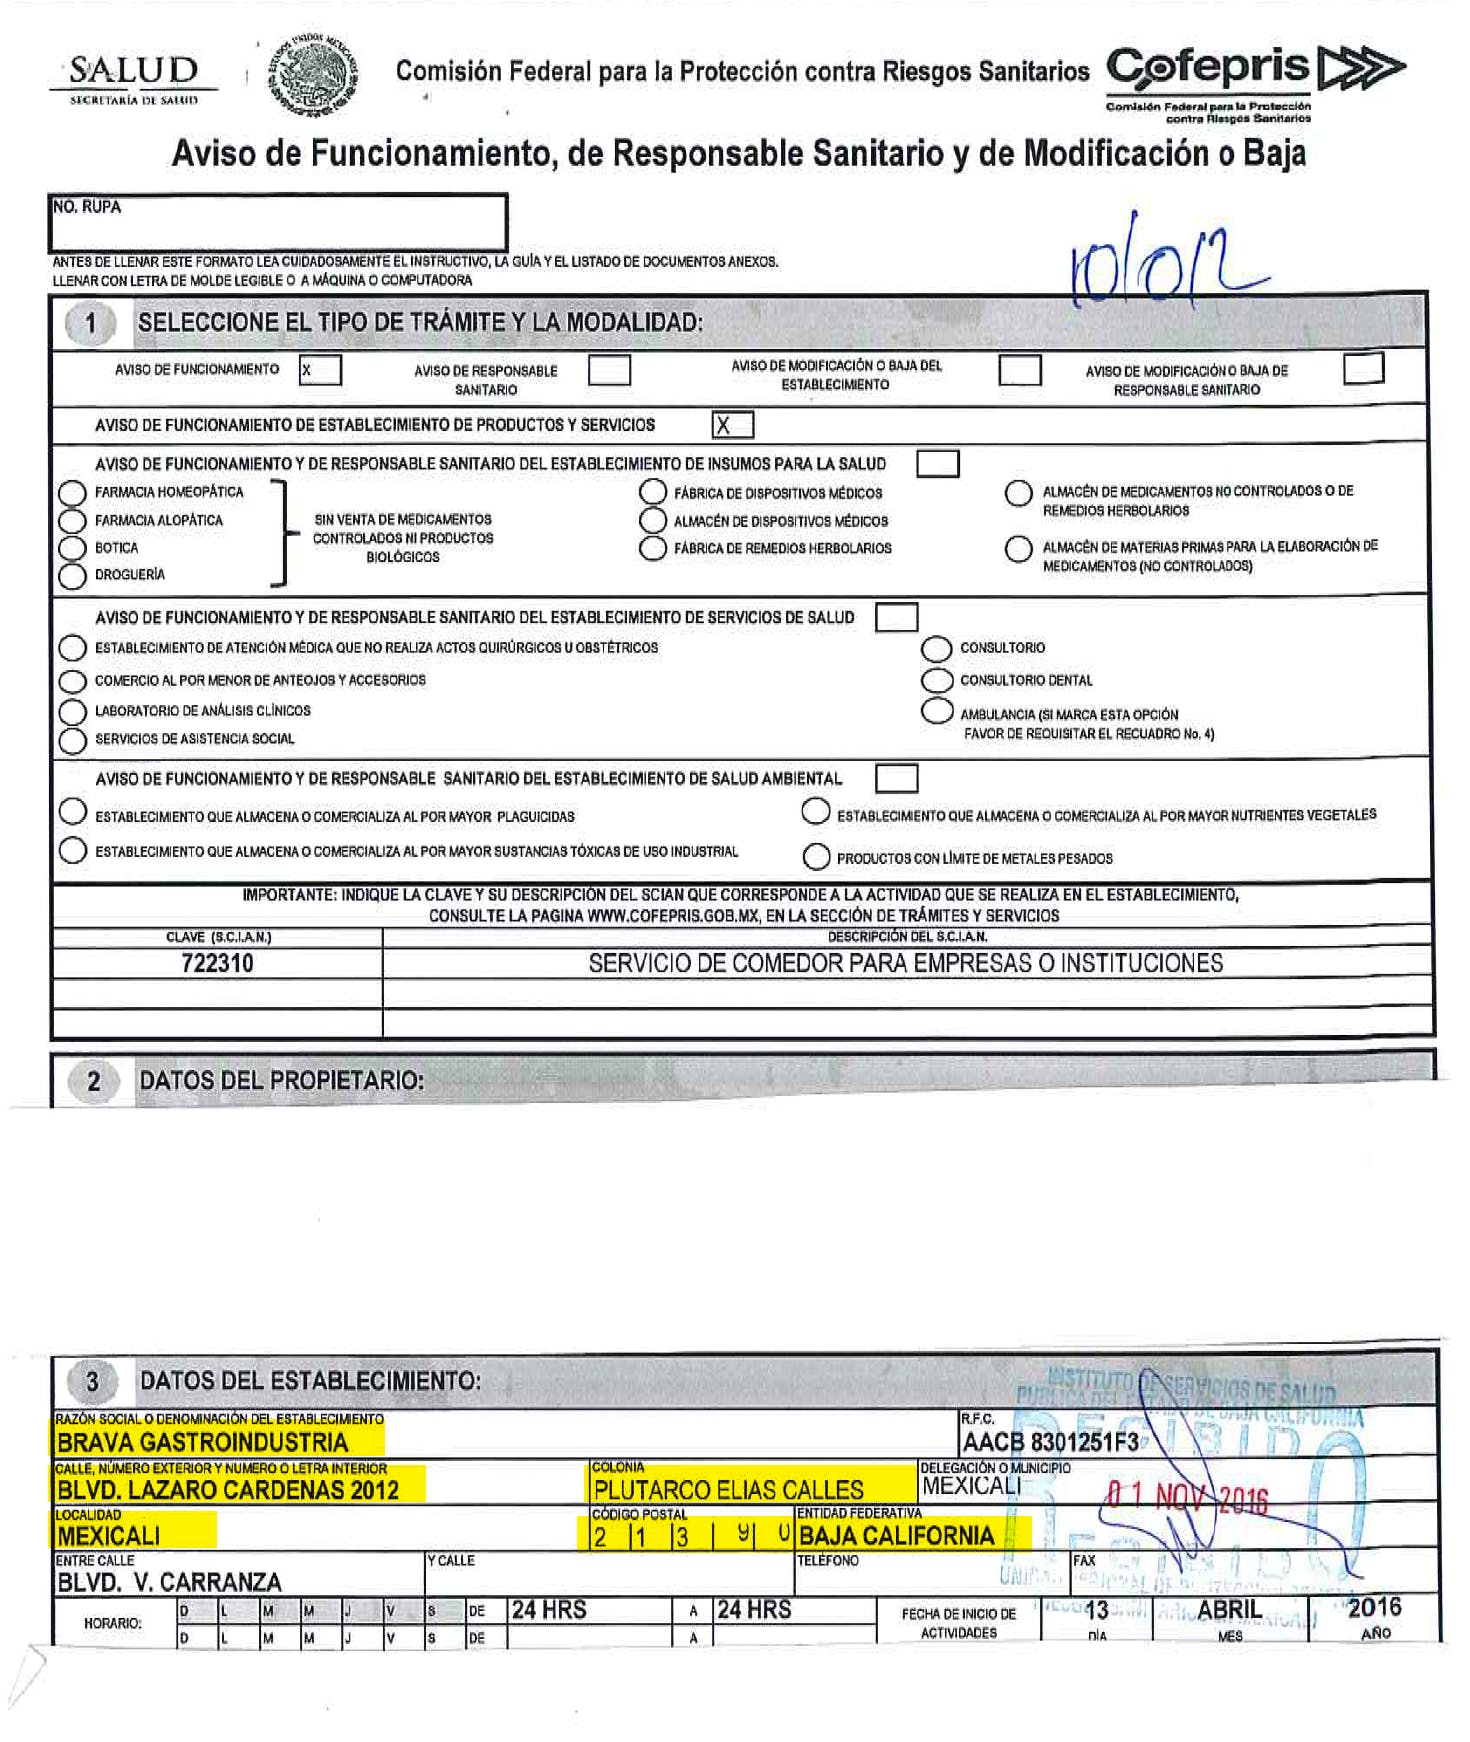 José Luis Bribiesca, contratos millonarios, corrupción